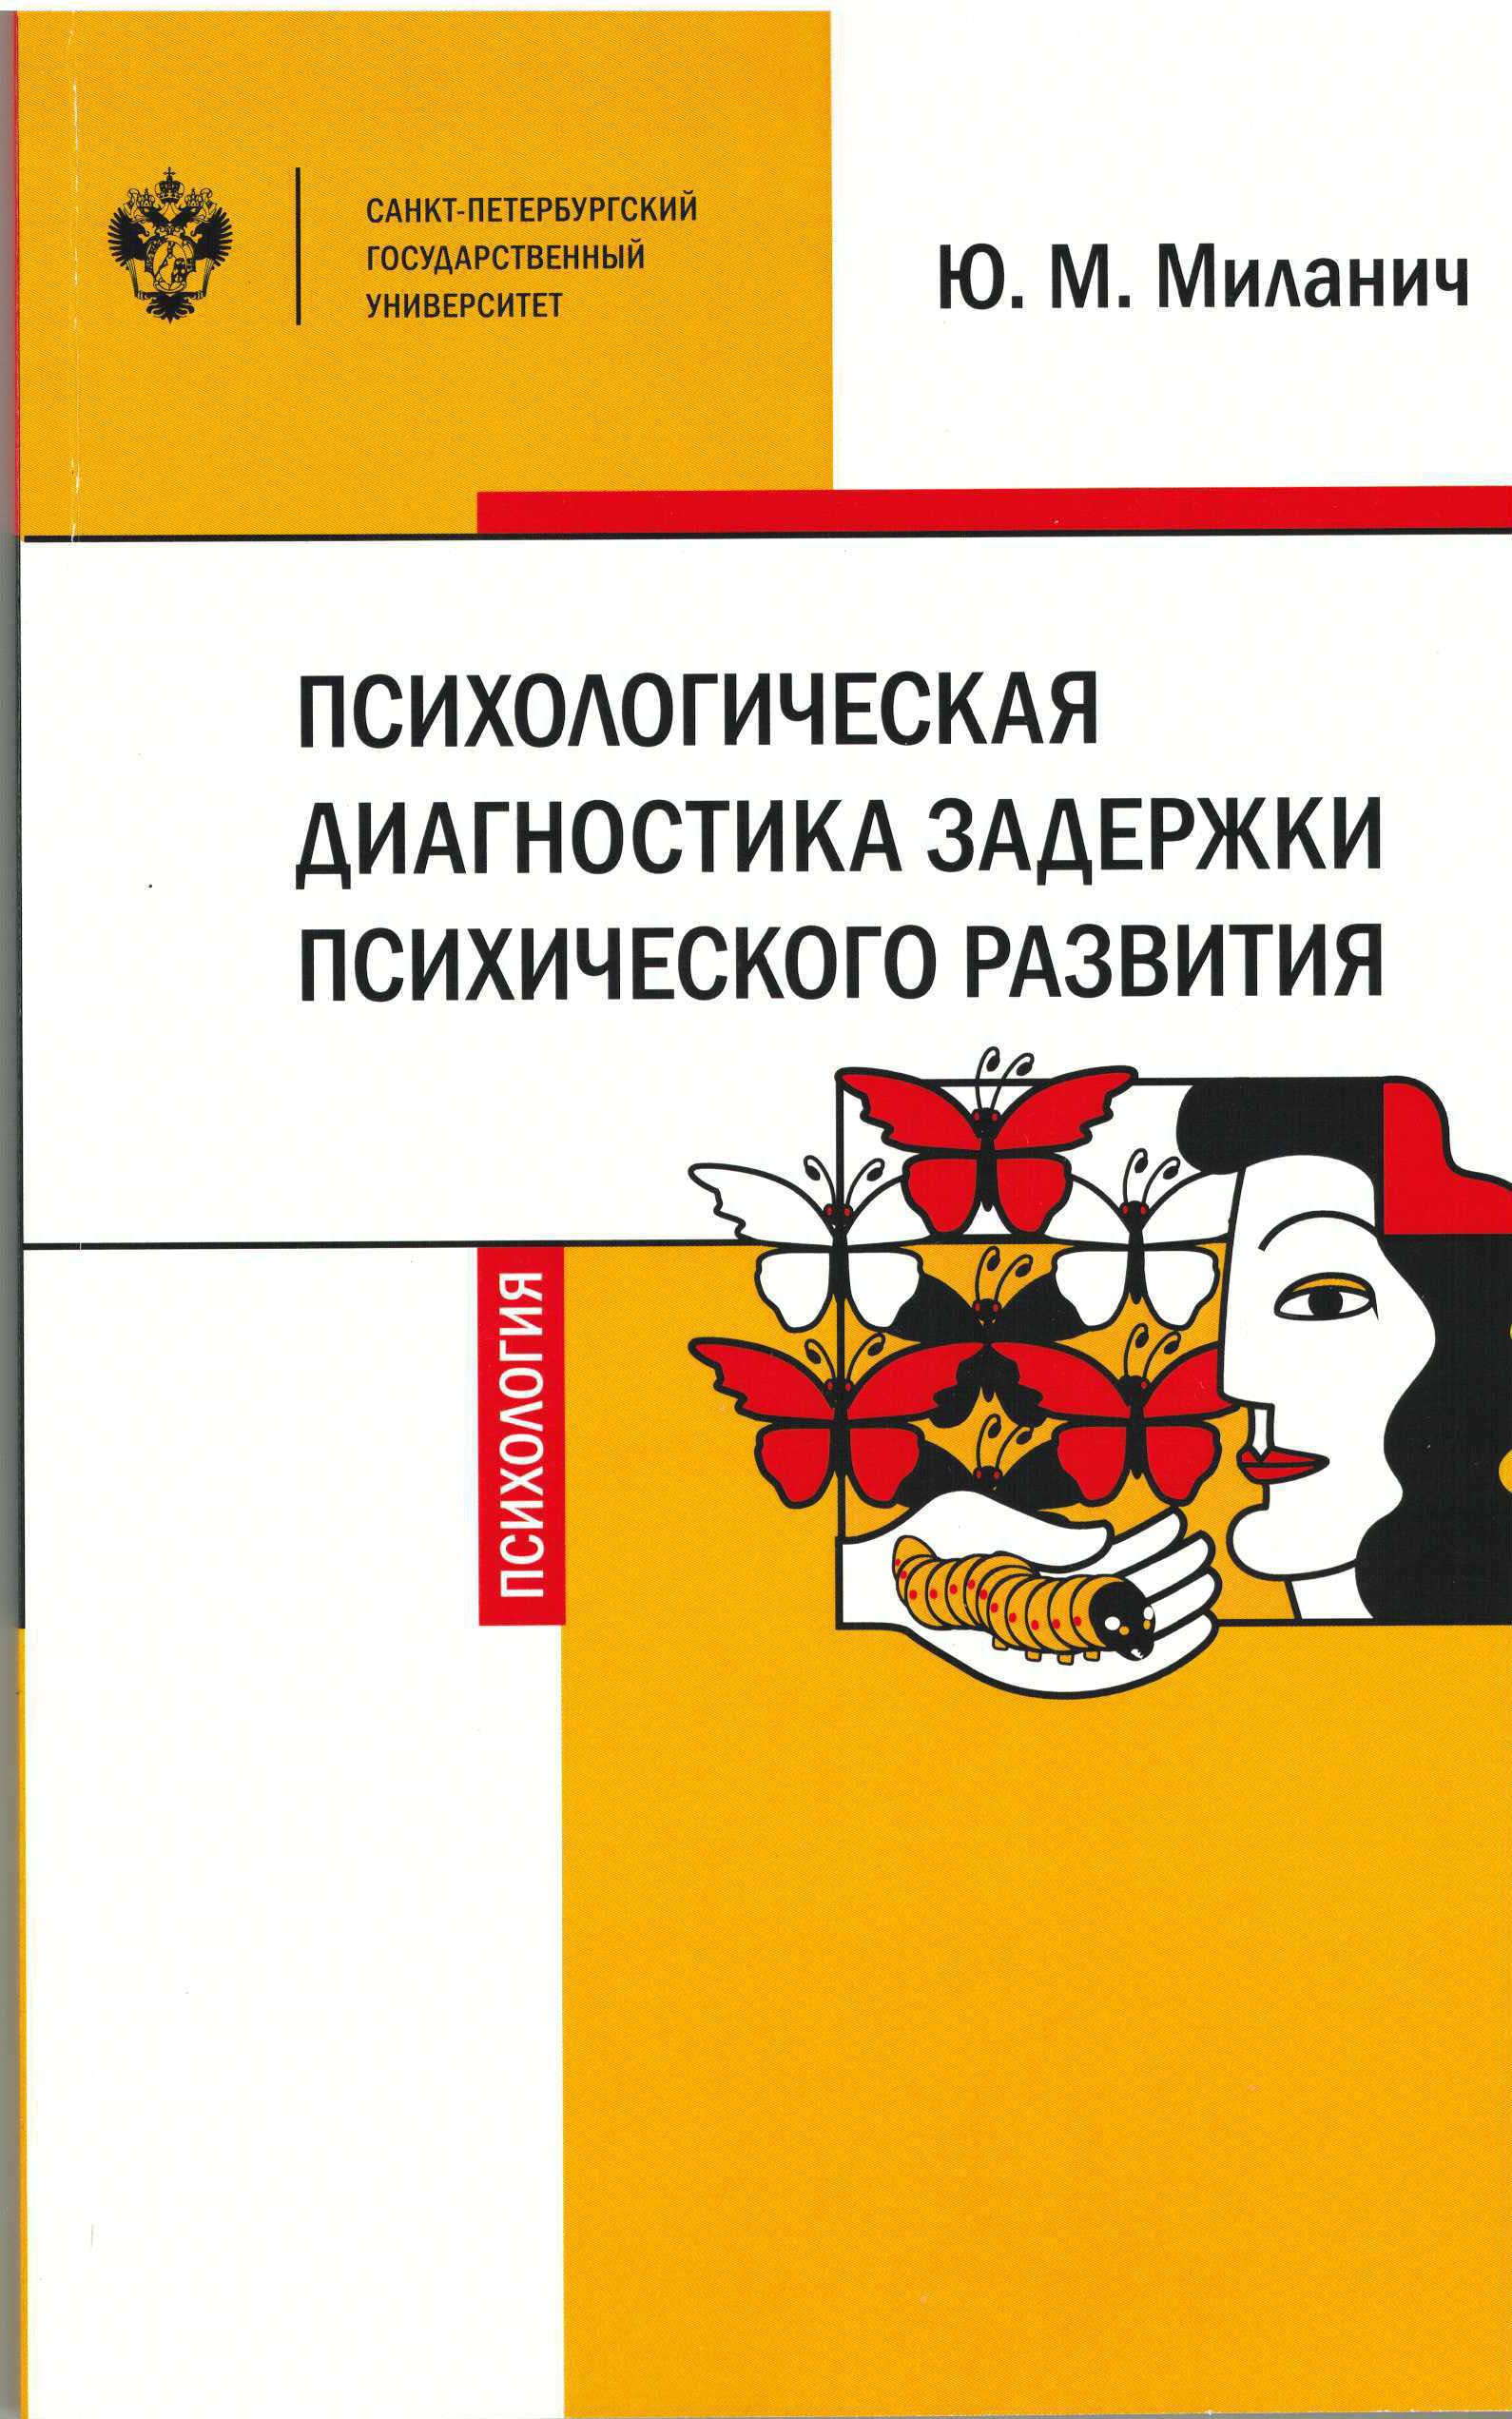 Купить книгу Психологическая диагностика задержки психического развития, автора